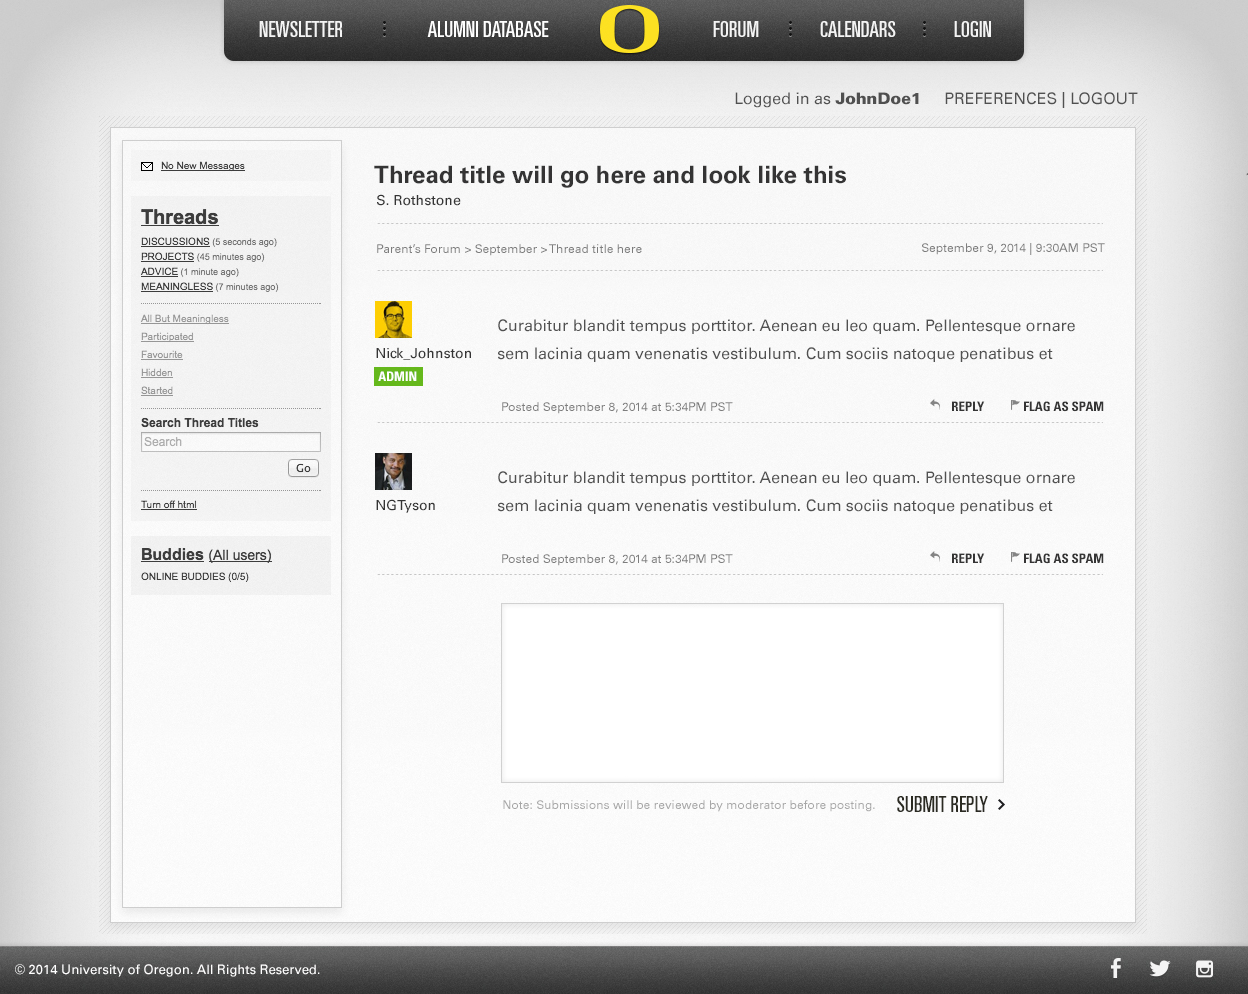 MenOfOregon-UXUI_Page_13.jpg